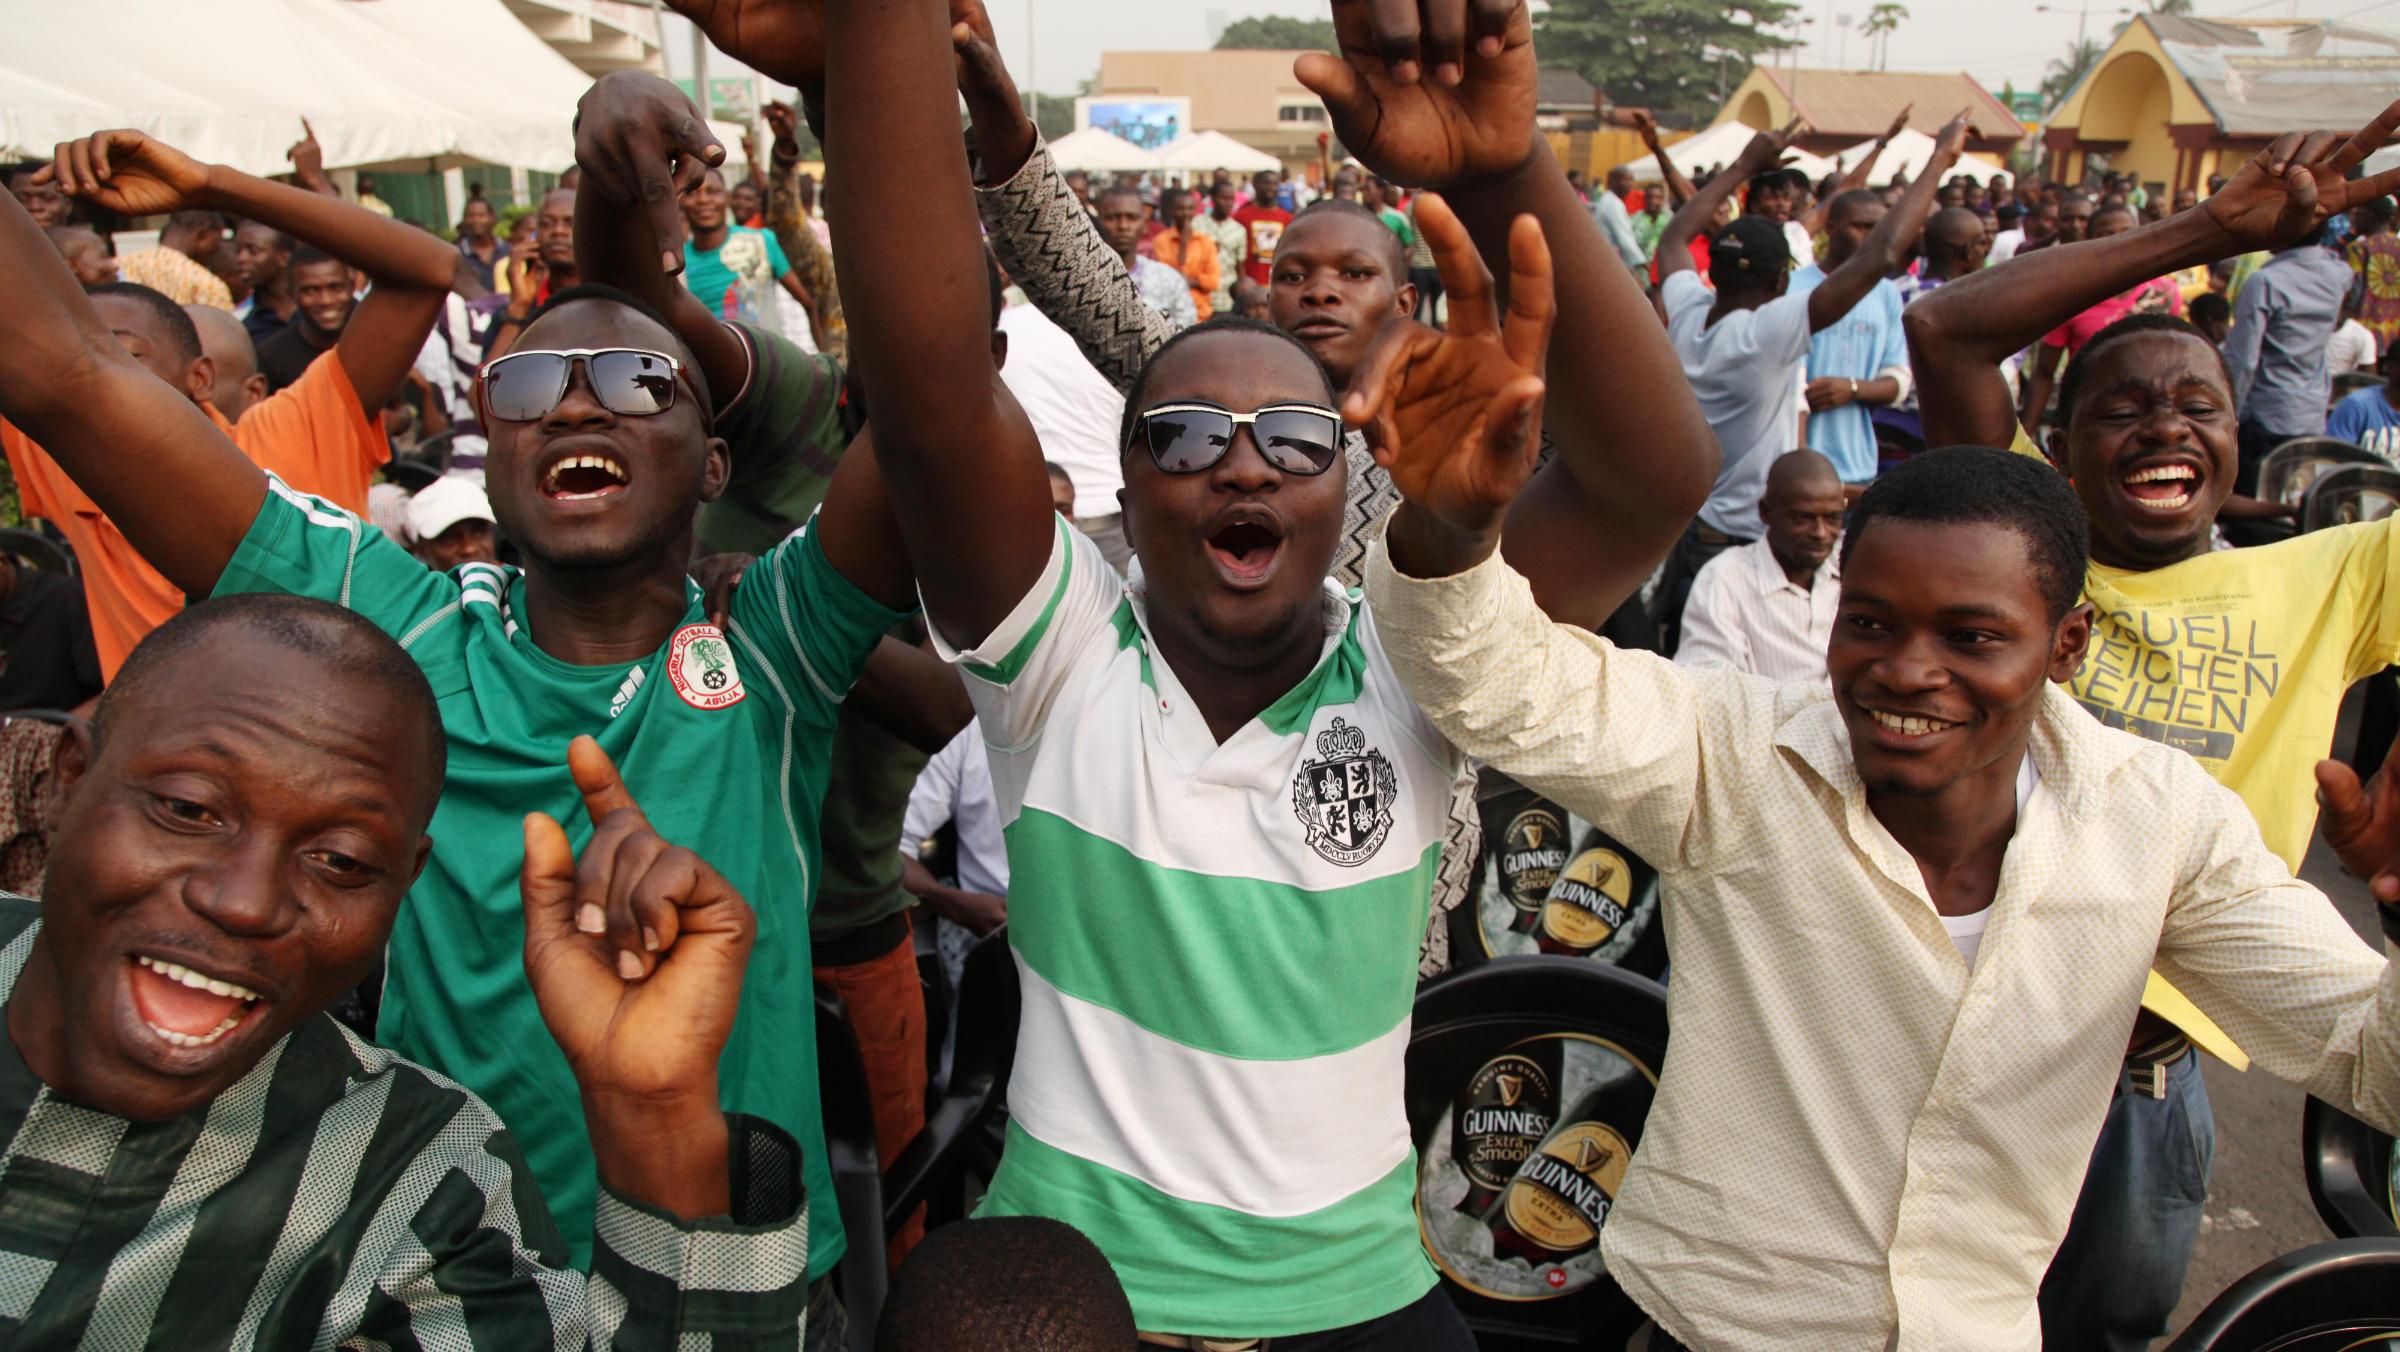 nigeria africa sovereign debt quantitative easing qe